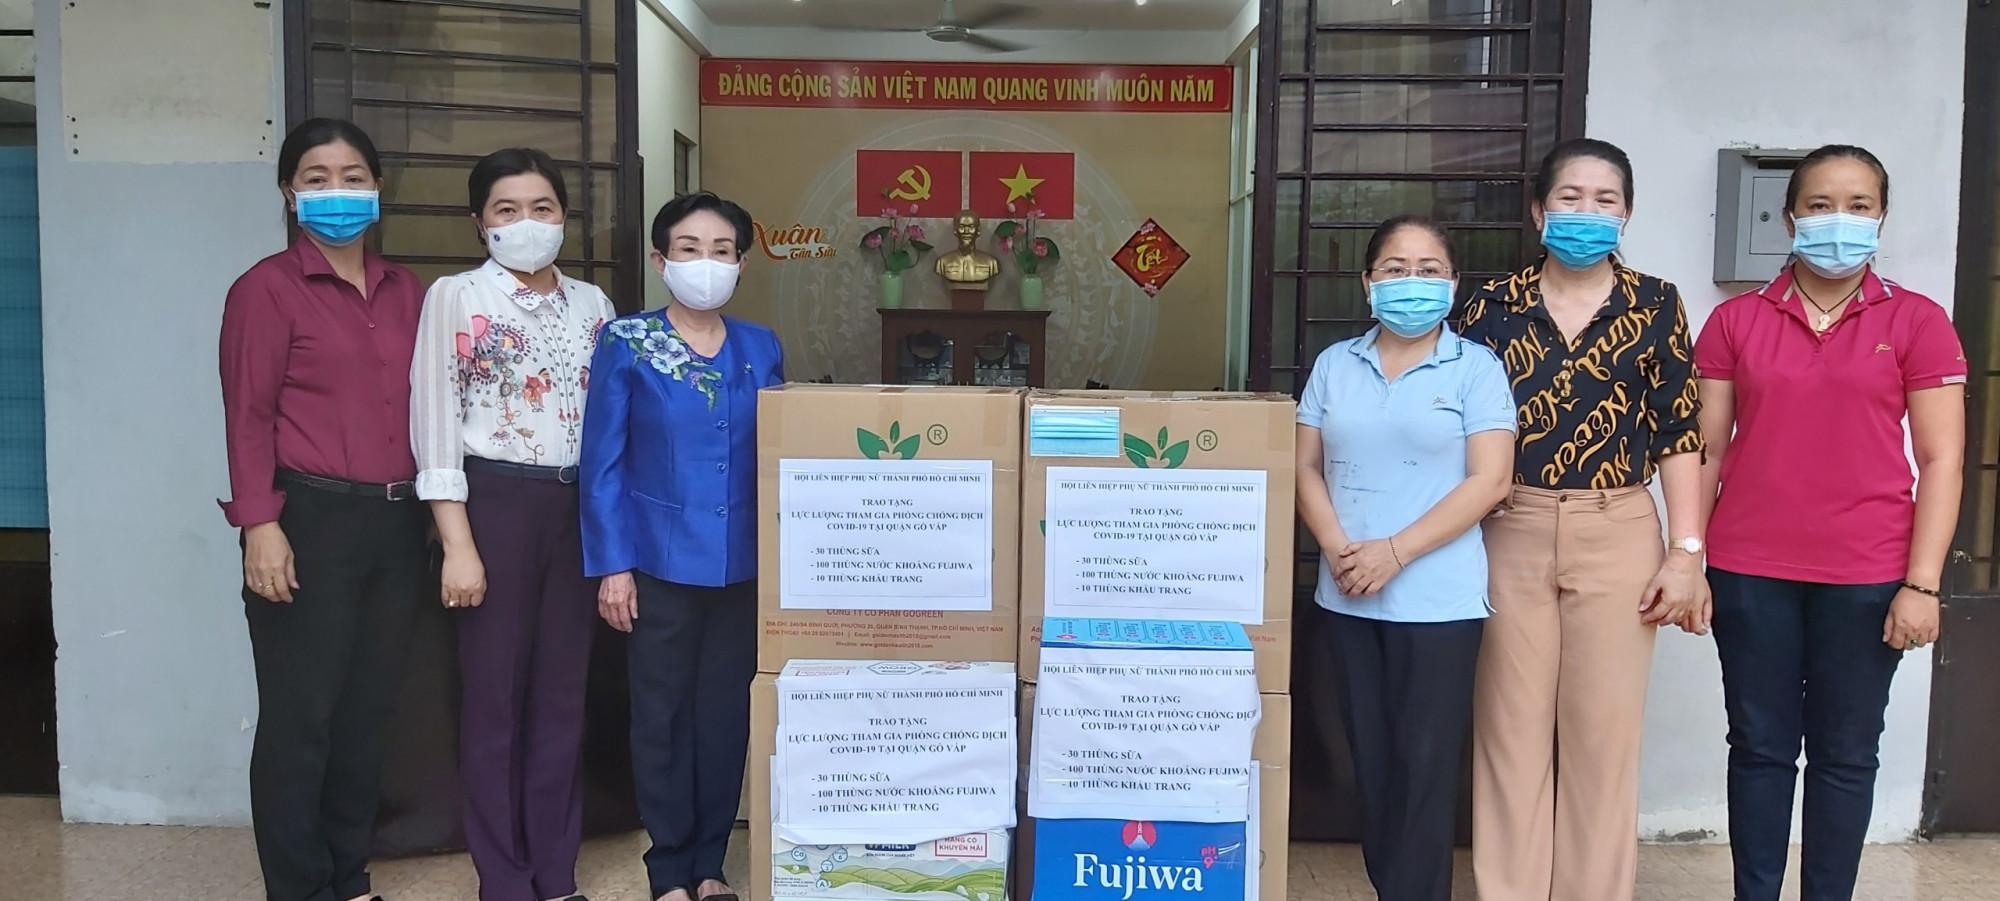 Hội LHPN TPHCM tặng quà tại quận Gò Vấp